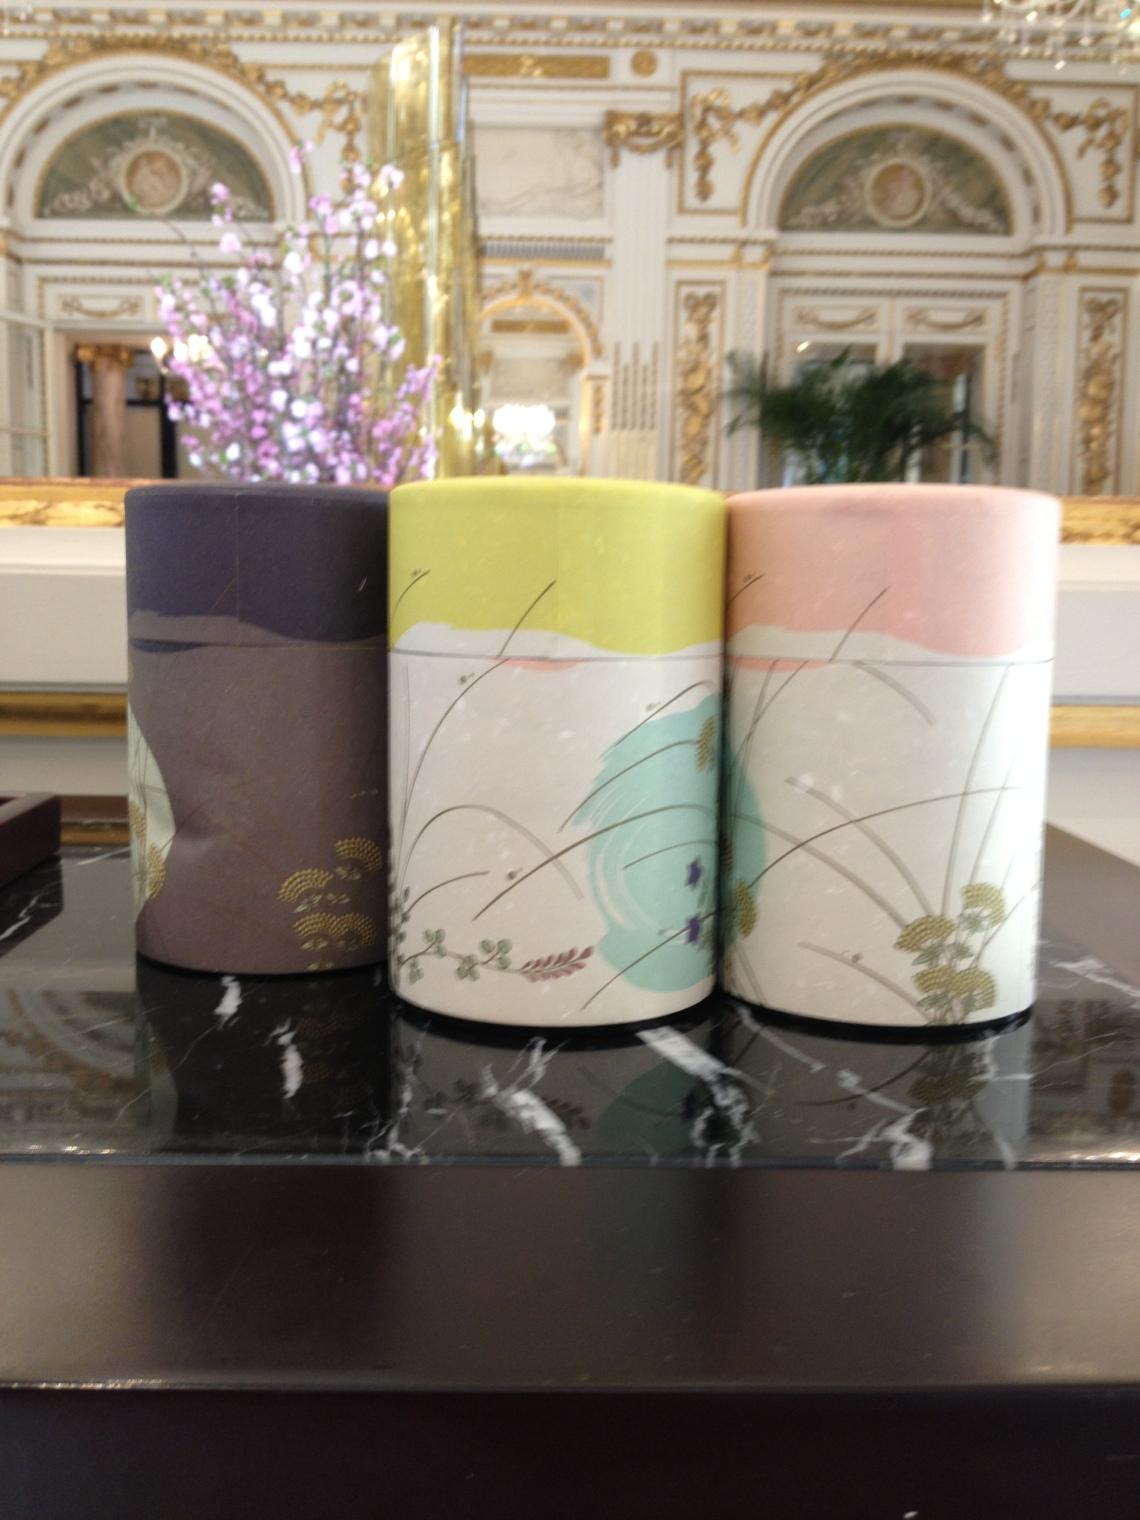 Sakura pour nous,  mais les autres thés japonais sont aussi représentés.